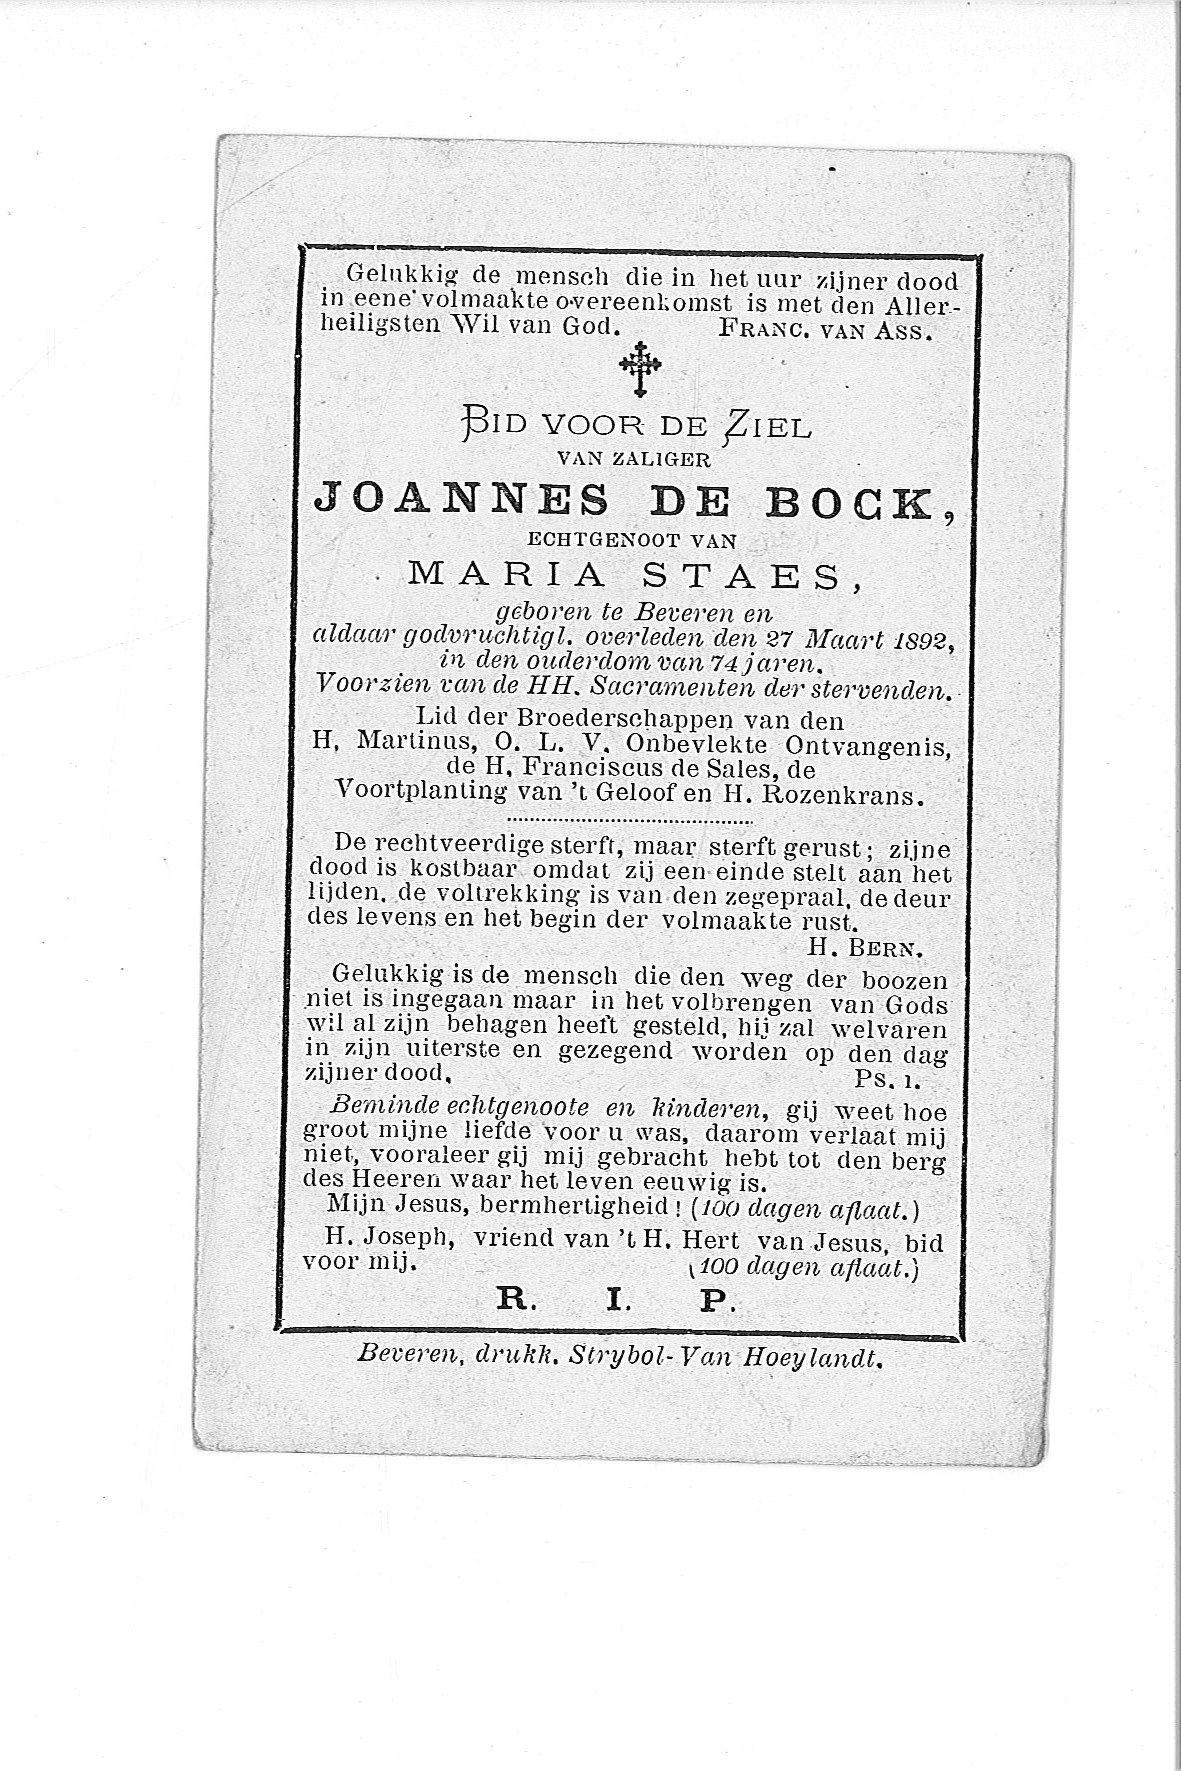 joannes(1892)20090409100949_00031.jpg